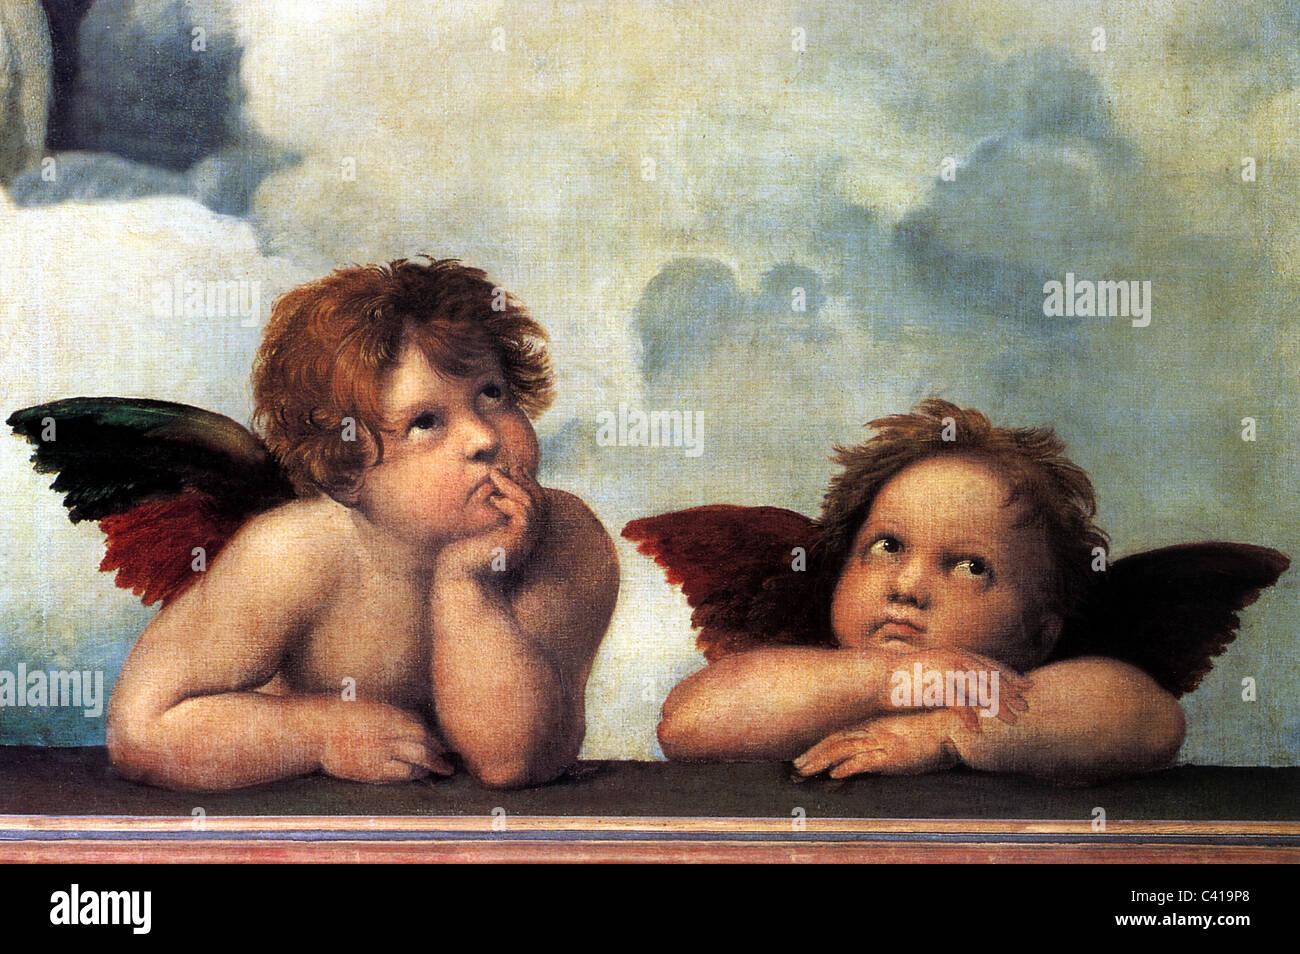 Belle arti, Raffaello, Santi: 'Gli Angeli della Madonna Sistina', dettaglio dal dipinto 'Stine Madonna', 1512/1513, Foto Stock